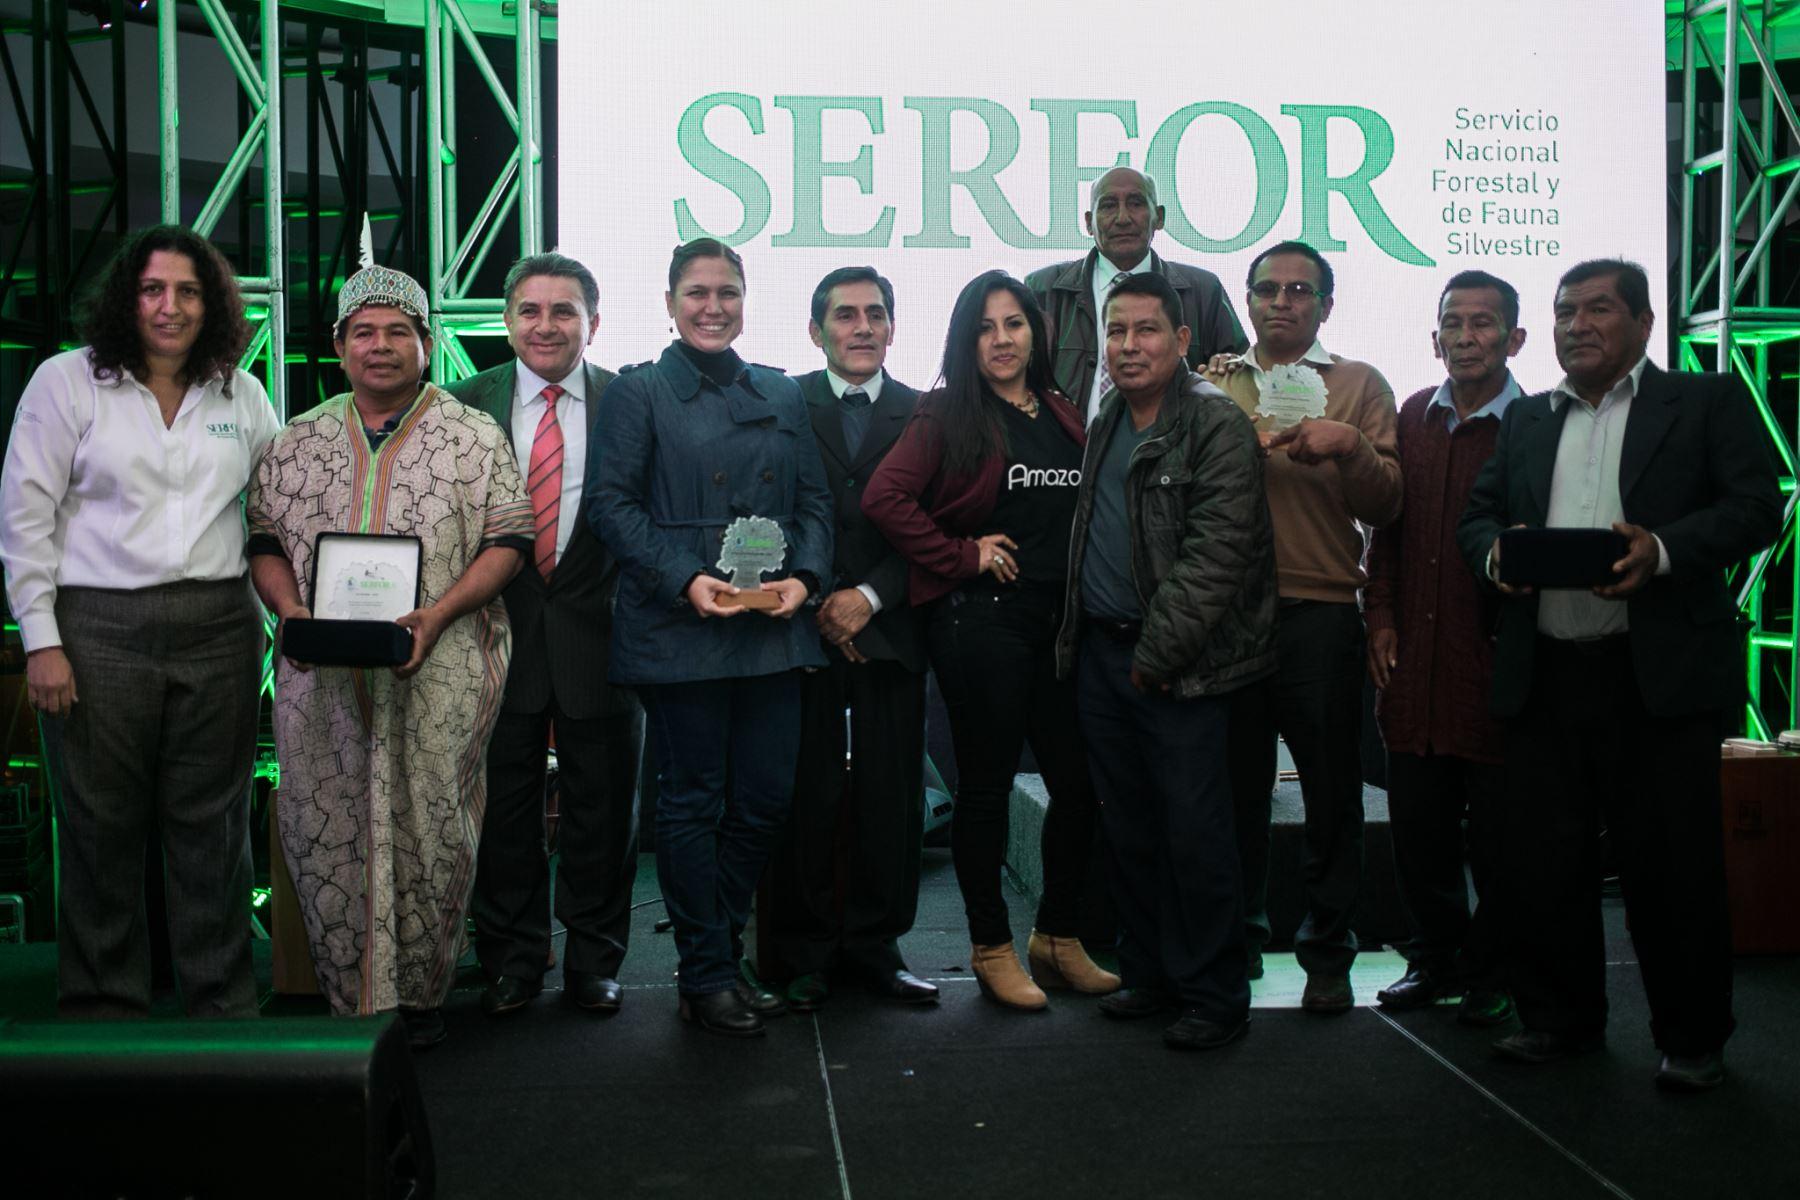 Serfor premia iniciativas que fomentan protección de los recursos forestales.